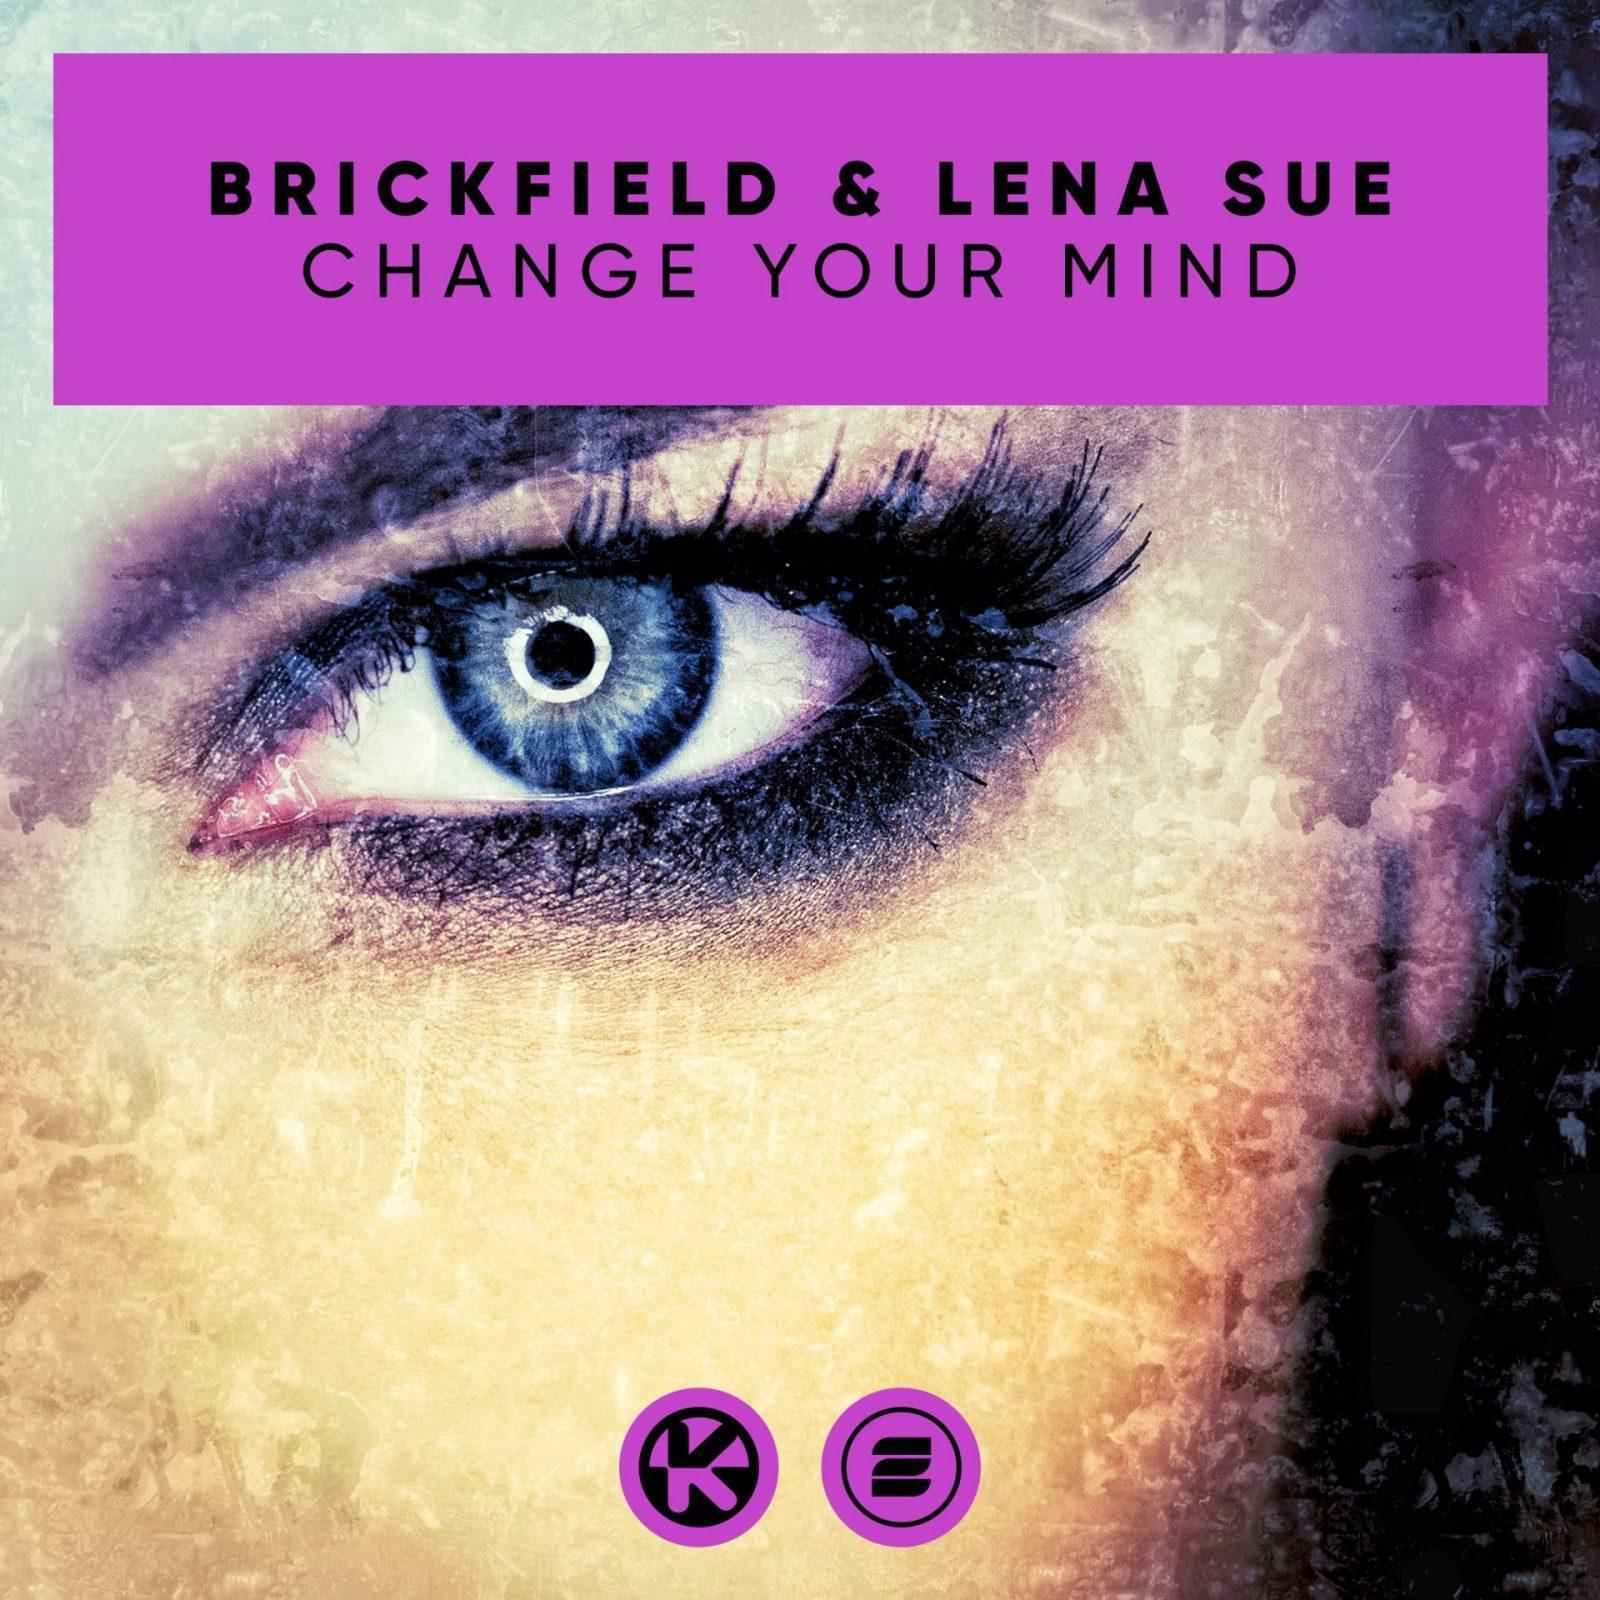 BRICKFIELD & LENA SUE - CHANGE YOUR MIND